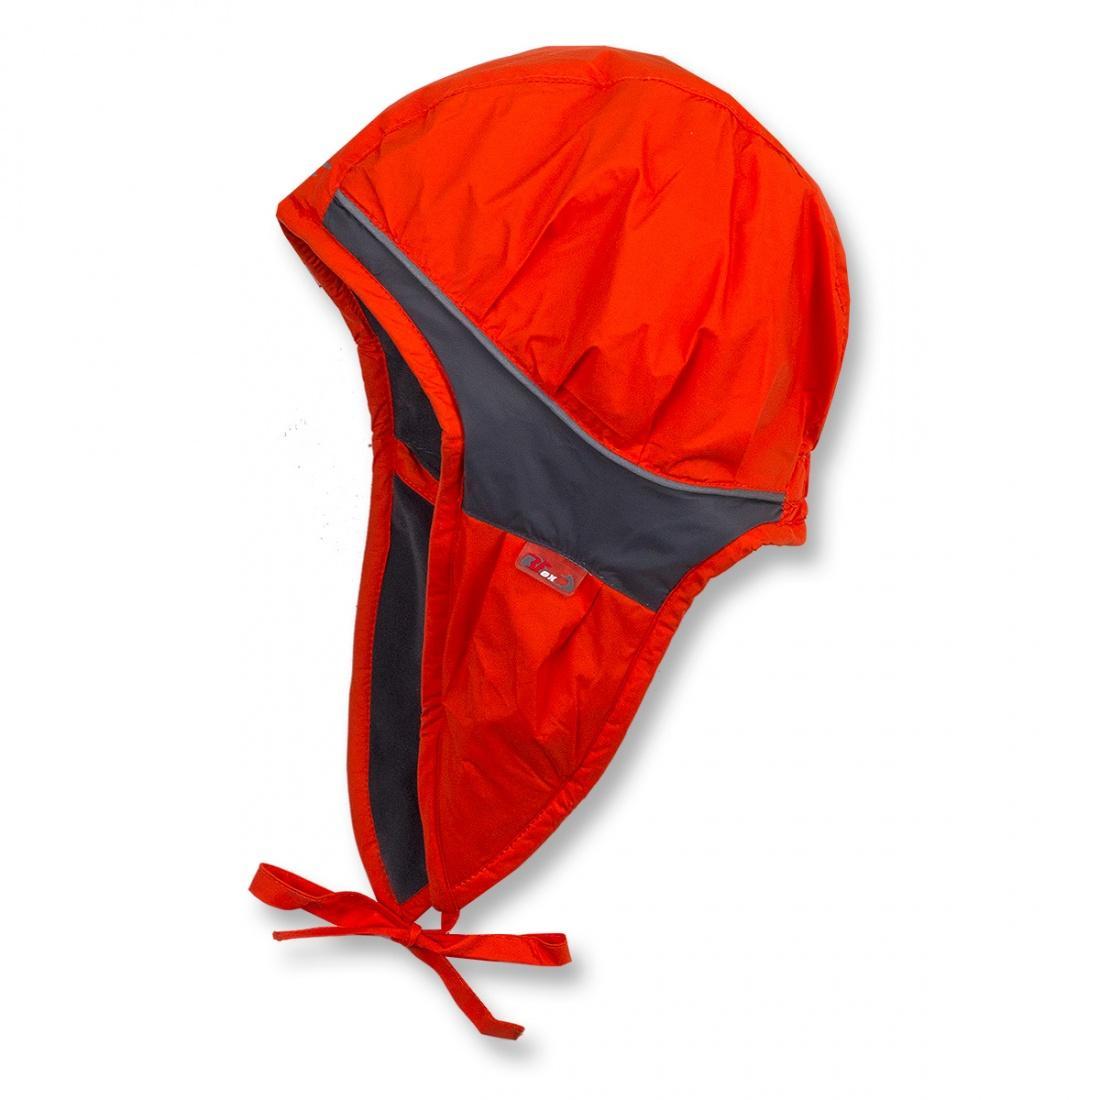 Шапка детская TressУшанки<br><br> Яркая контрастная шапочка прекрасно выделяет ребенка из толпы.<br><br> <br><br><br><br> Основной материал – Dry Factor 1000.<br><br> <br><br><br> Утеп...<br><br>Цвет: Апельсиновый<br>Размер: L